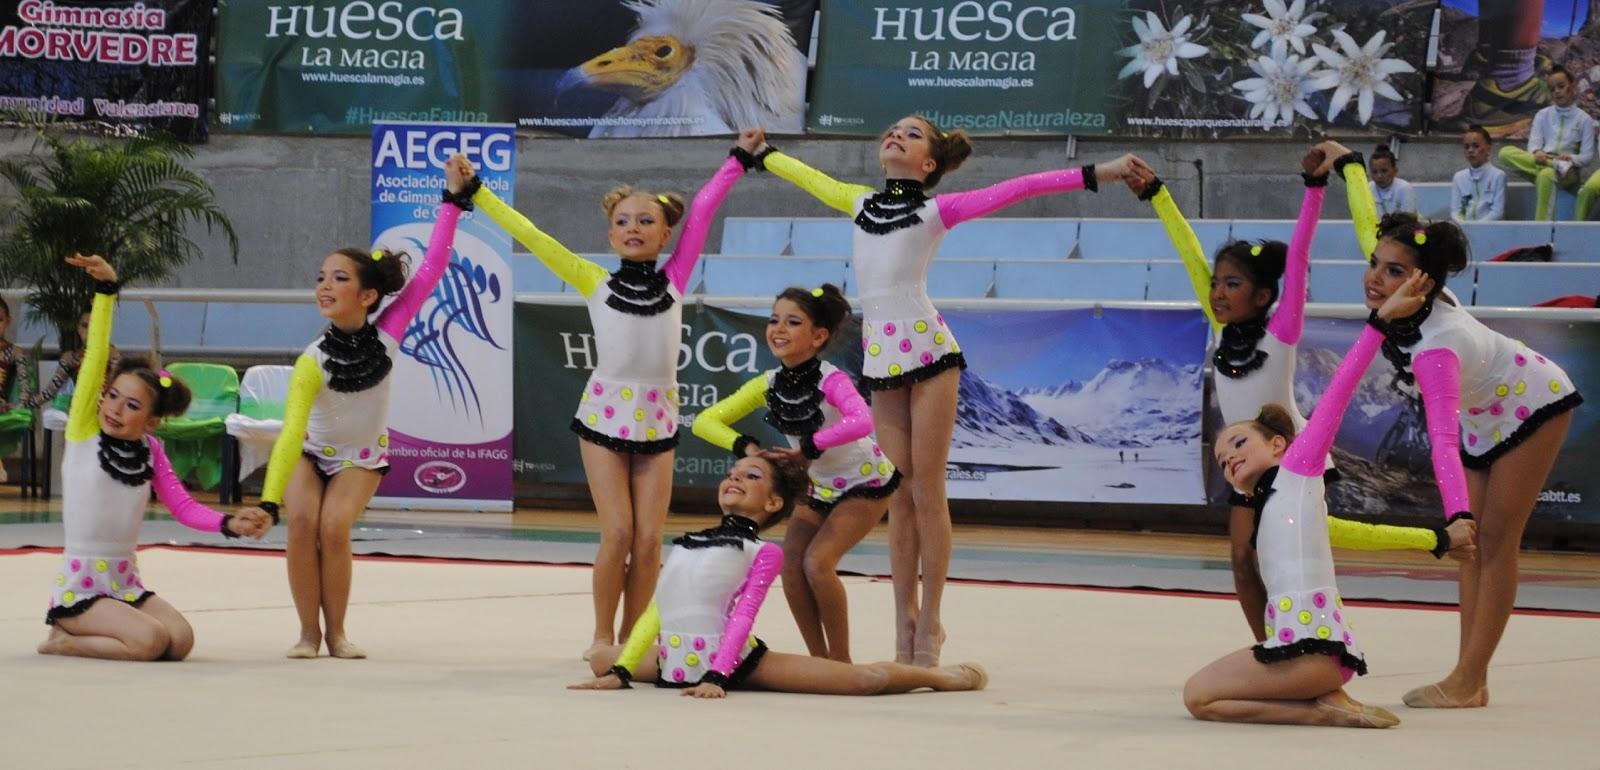 Club 2000 gimnasia ritmica barbastro gimnasia est tica de for Gimnasia gimnasia